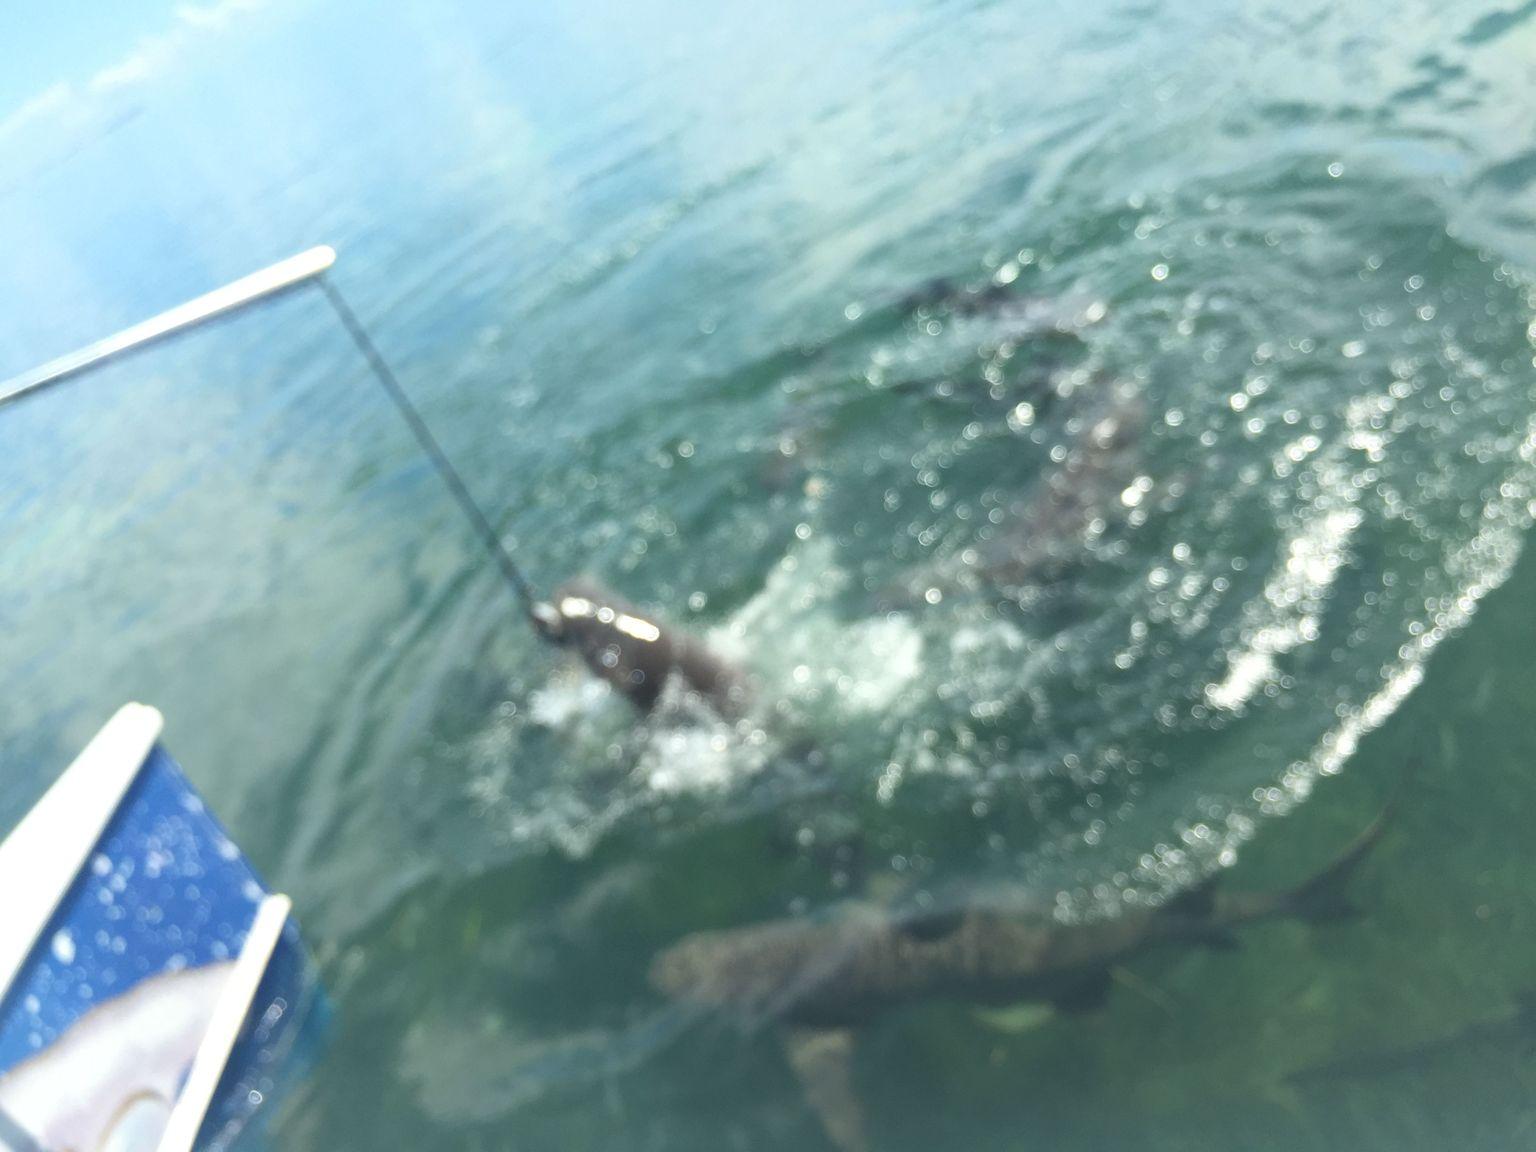 MÁS FOTOS, Excursión en catamarán para ver tiburones y fauna y flora en Cayo Hueso